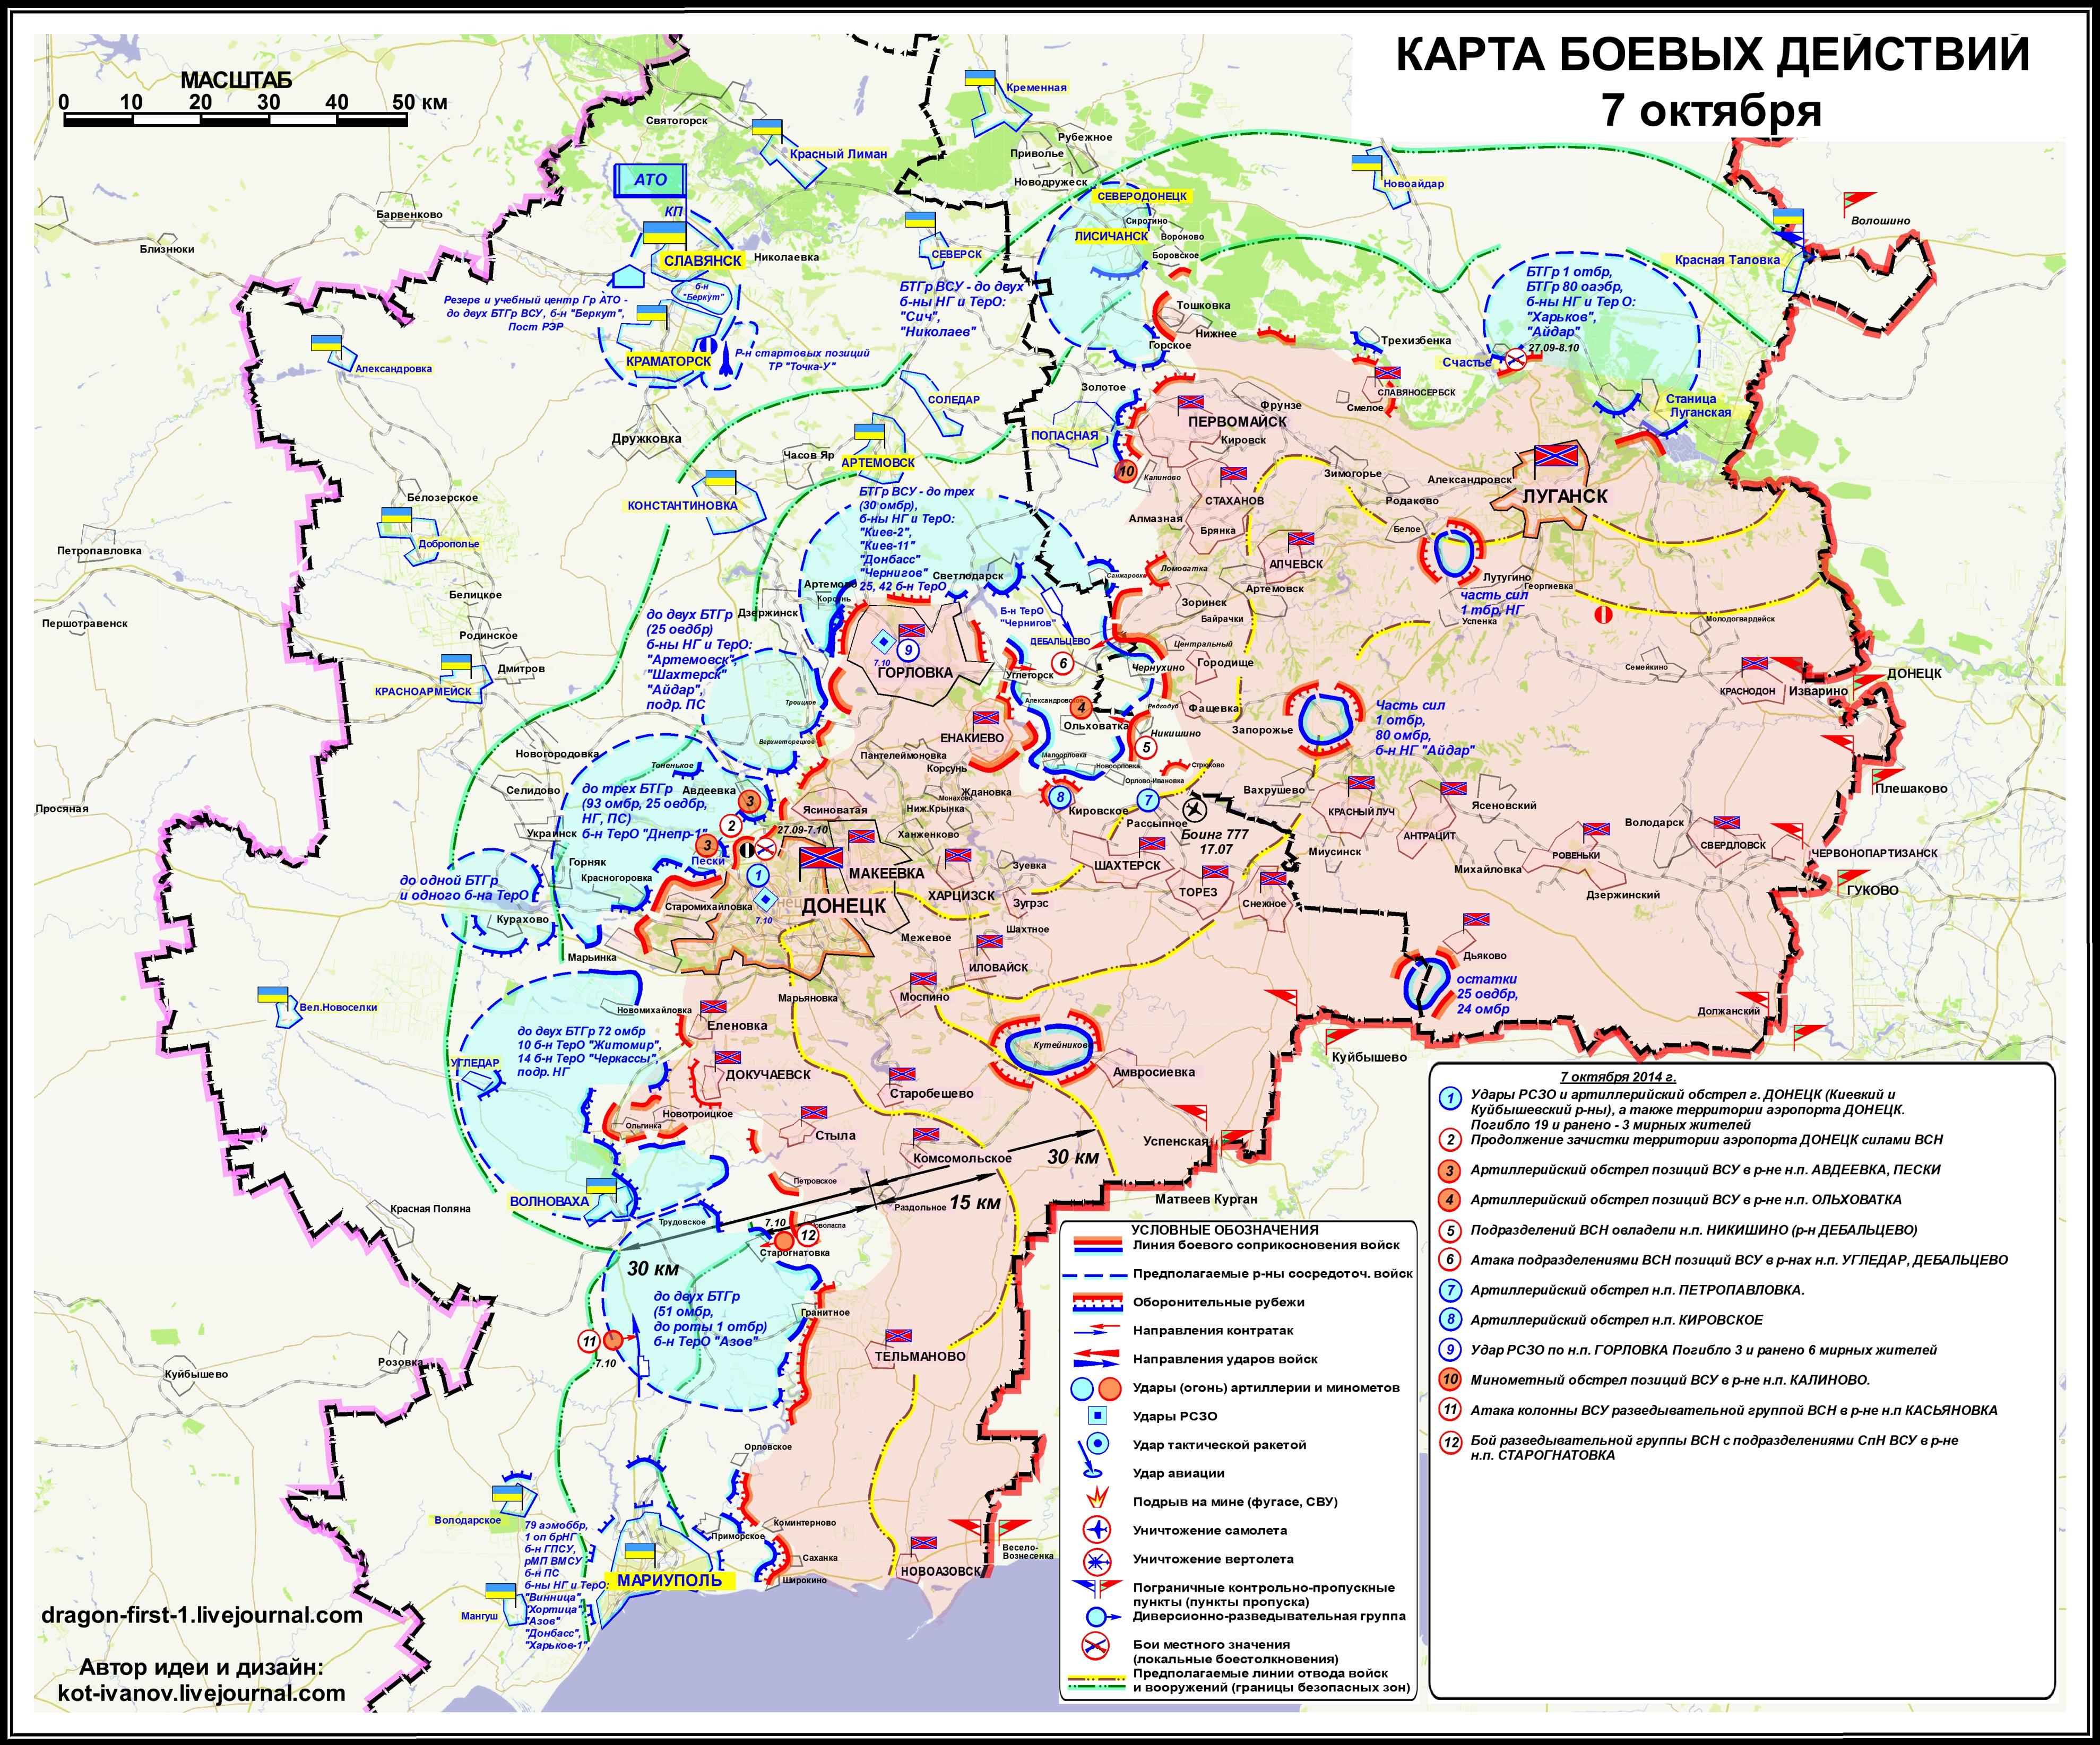 Карта боевых действий за 7 октября